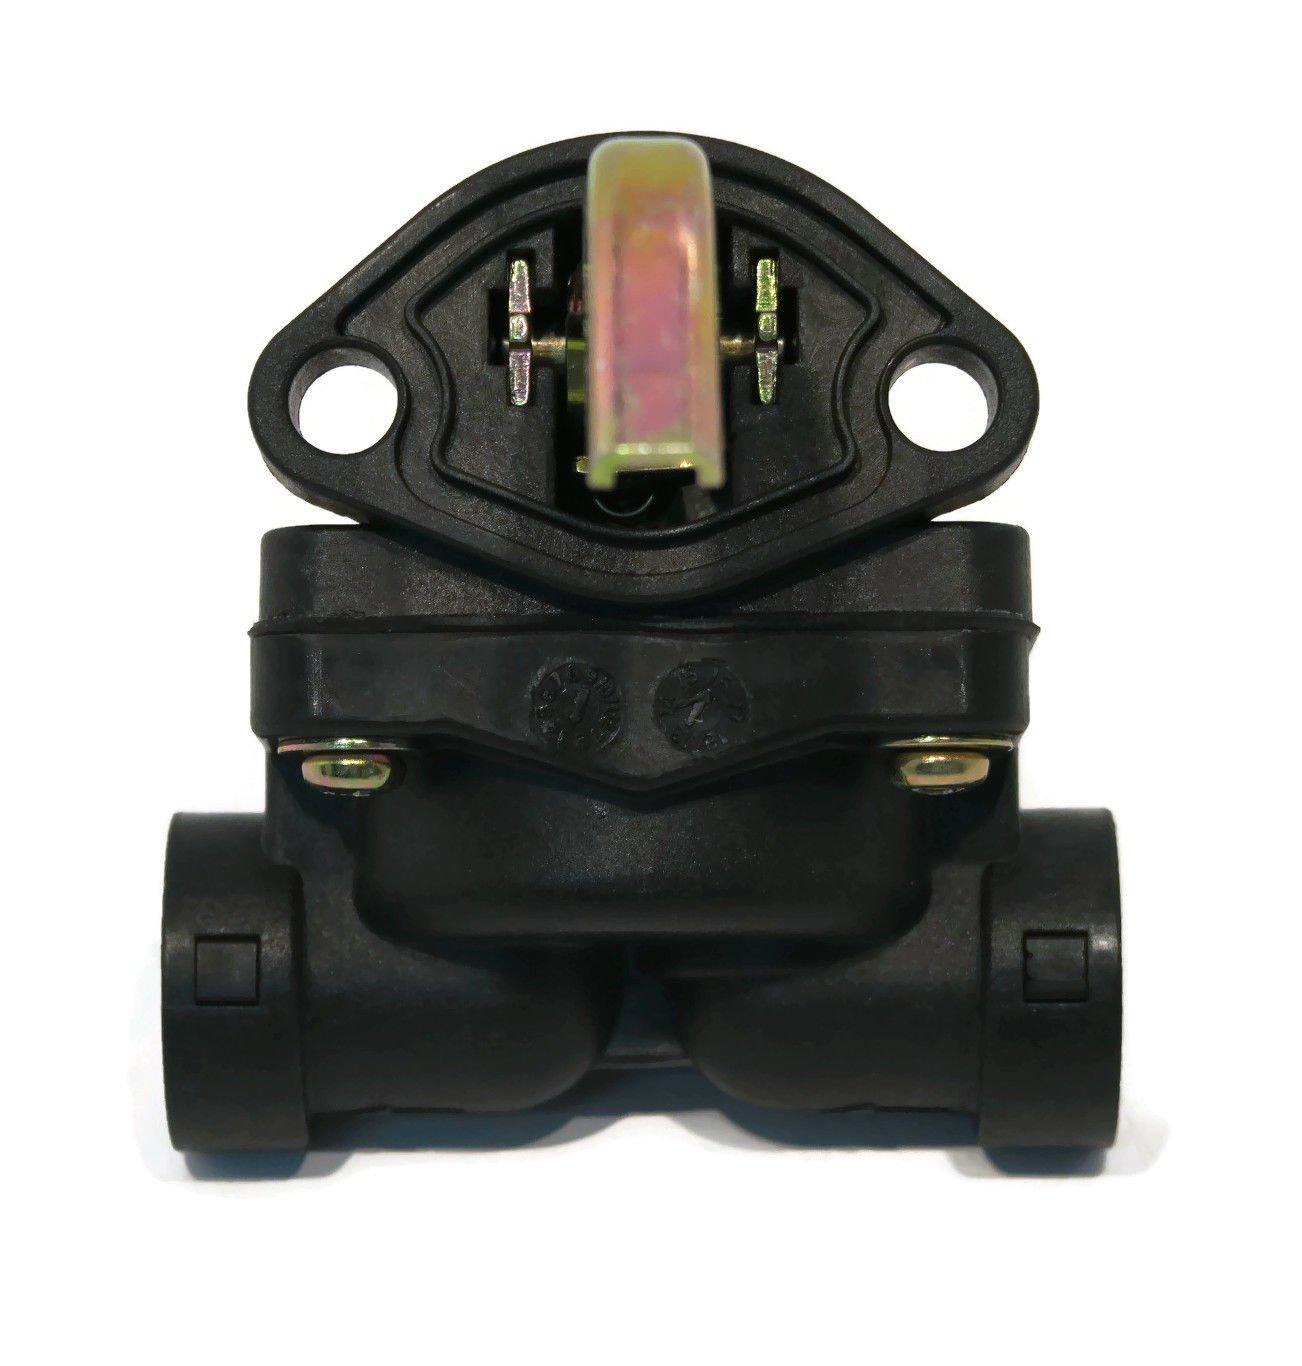 The ROP Shop Fuel Pump KIT fits Kohler CH16 CV430 CV450 CV460 CV490 CV491 CV492 CV493 Engine